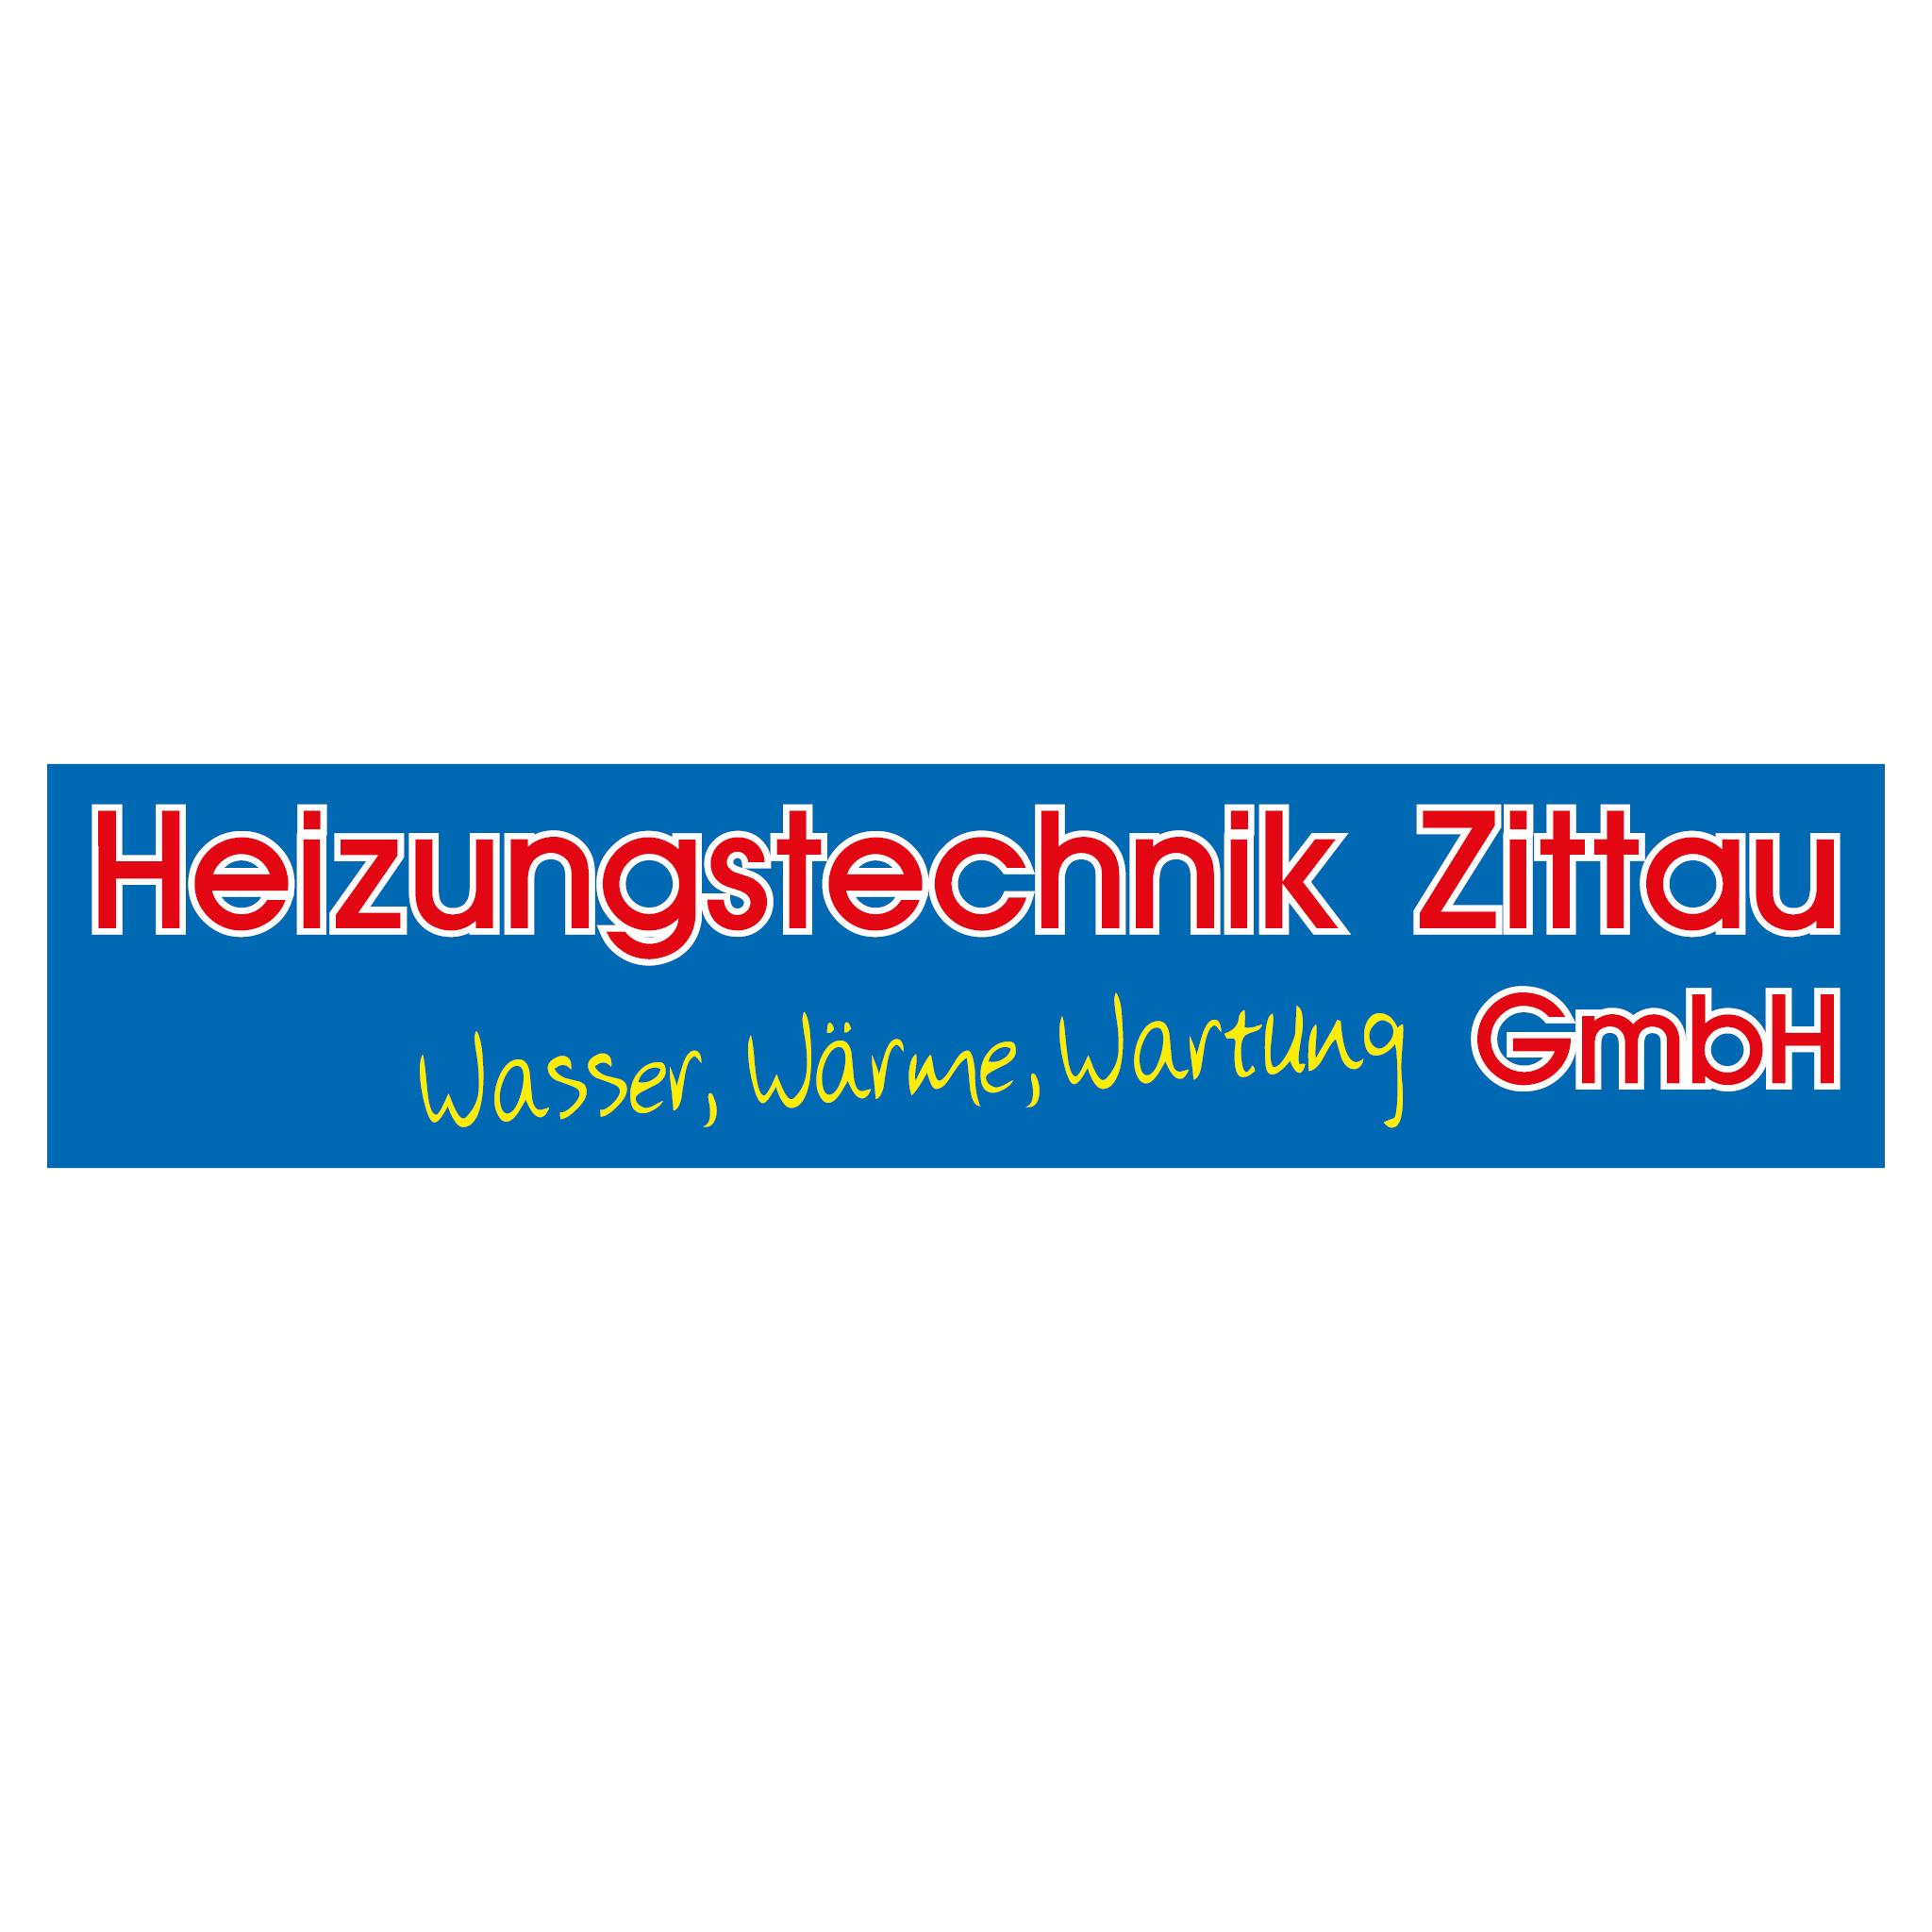 Heizungstechnik Zittau